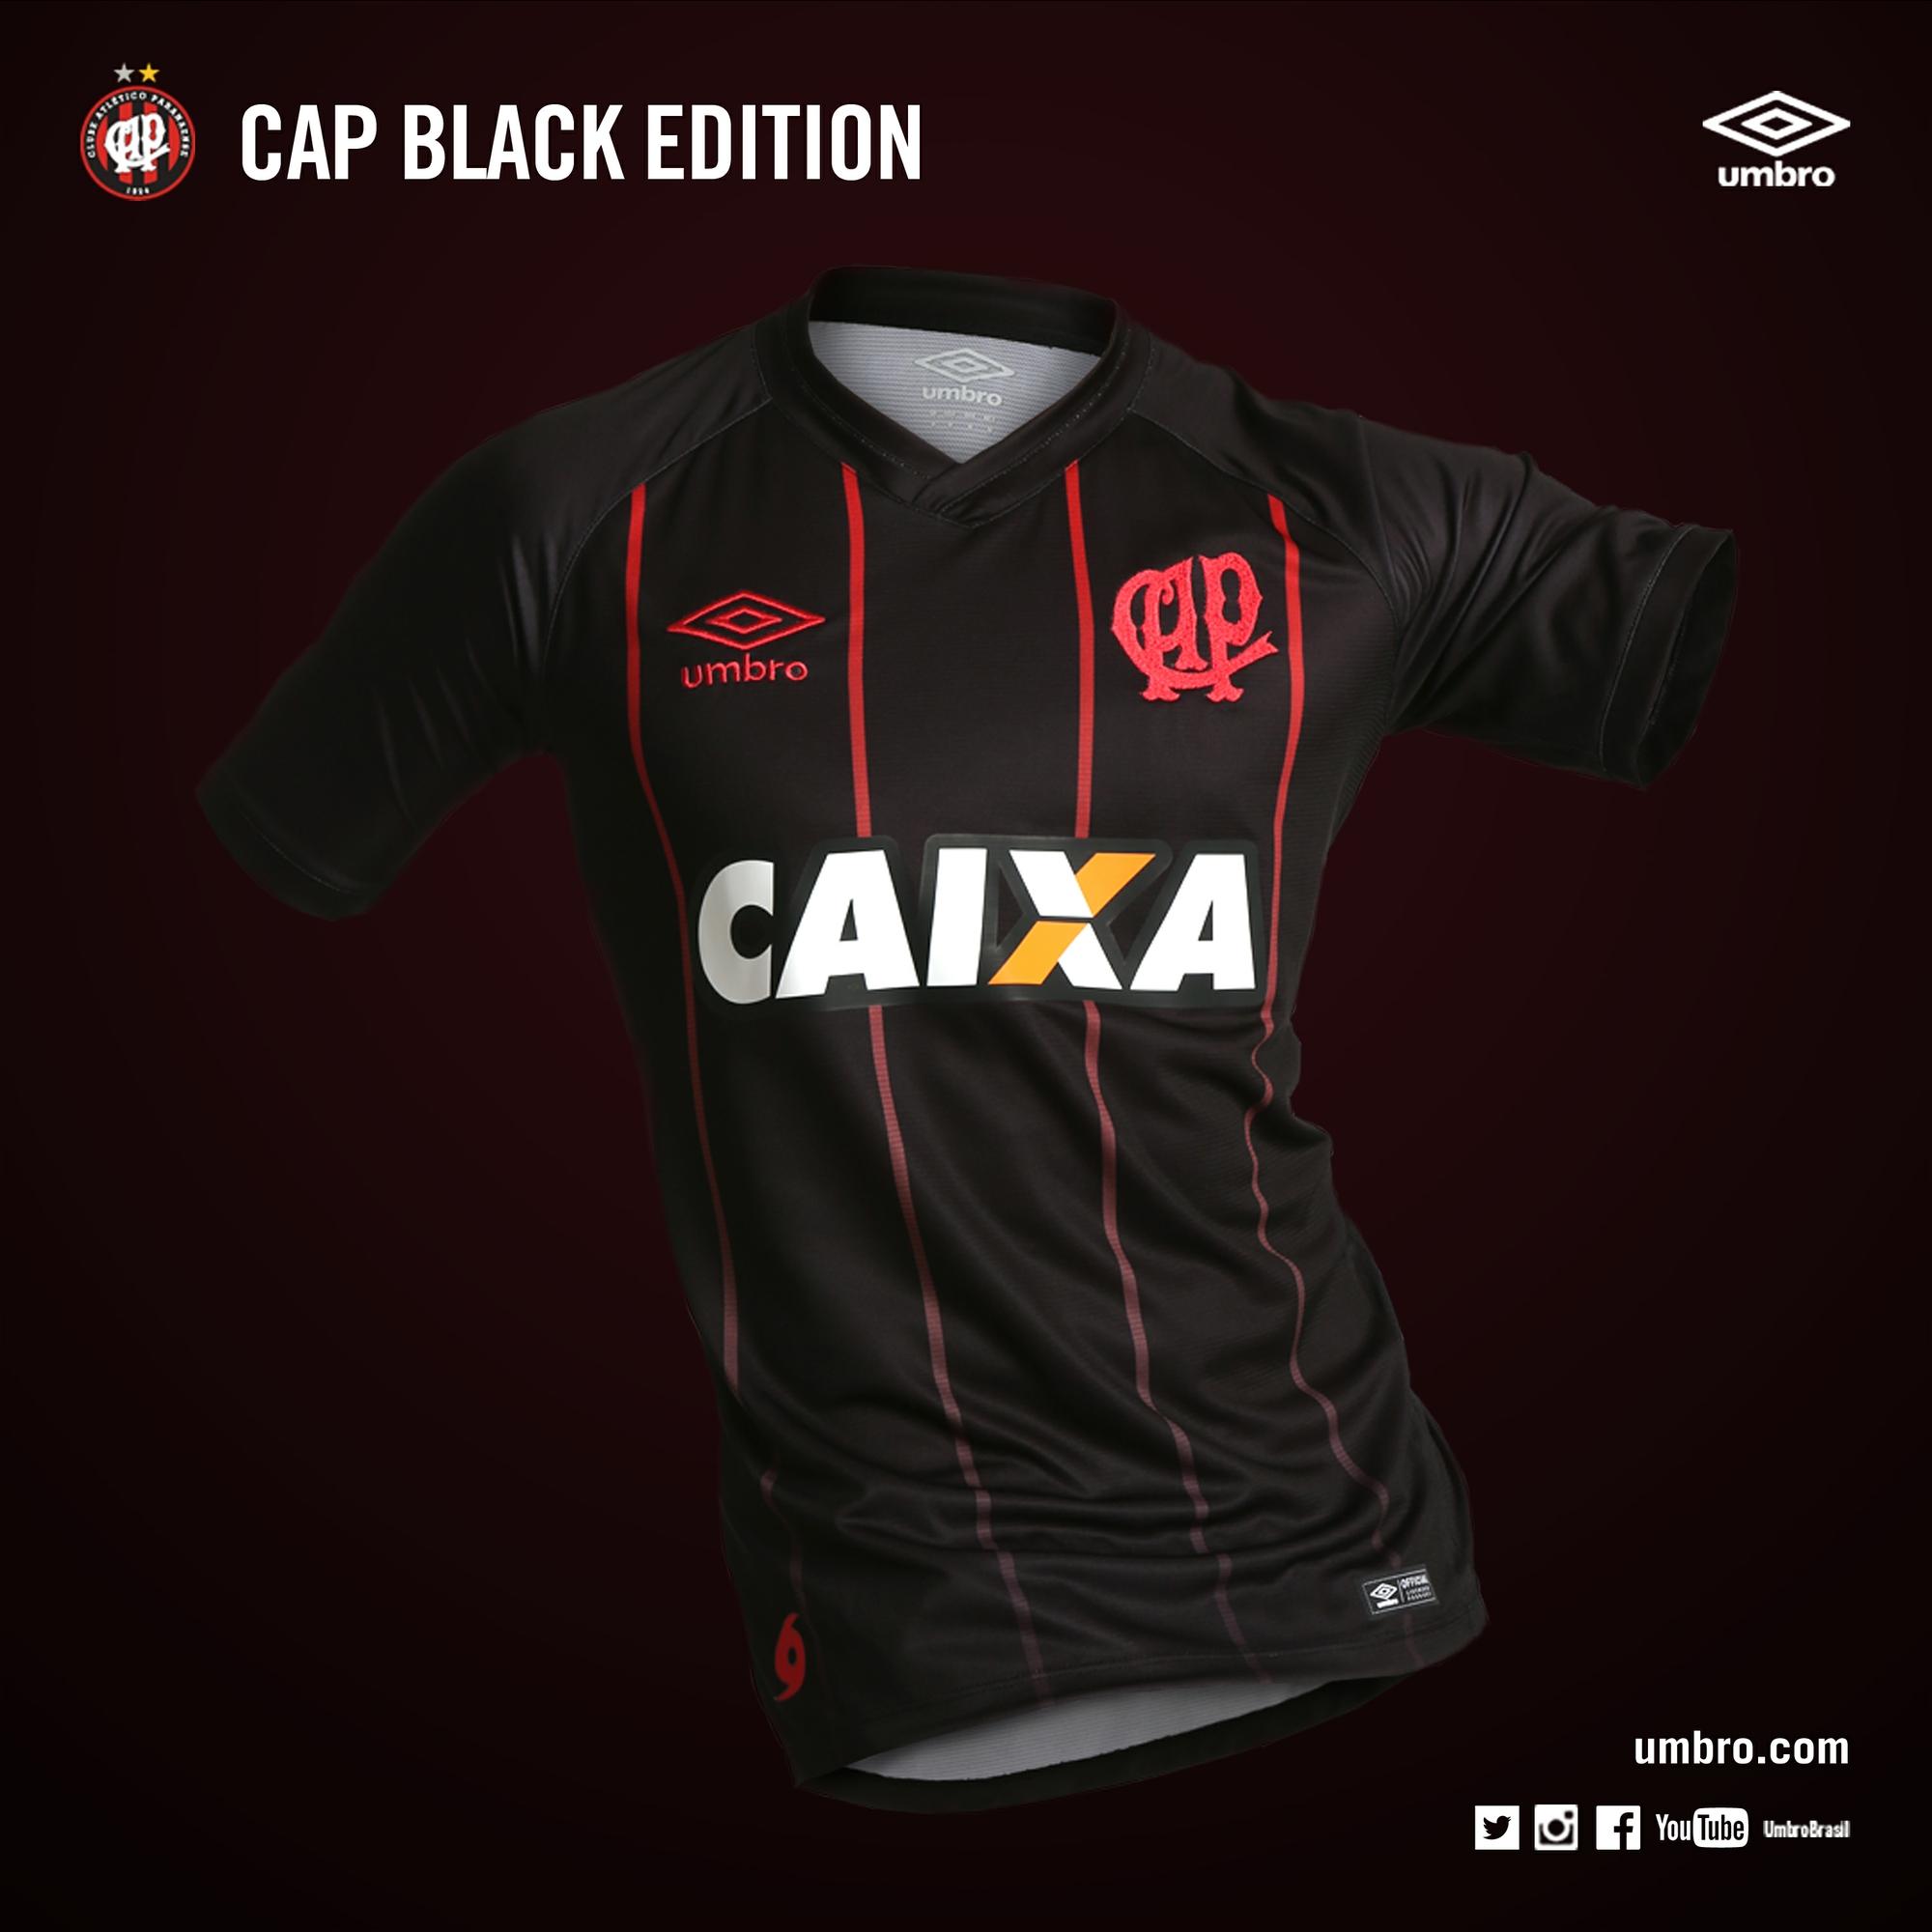 ae0c0aaf18 Atlético-PR lança camisa especial à torcida  manto estreia neste domingo